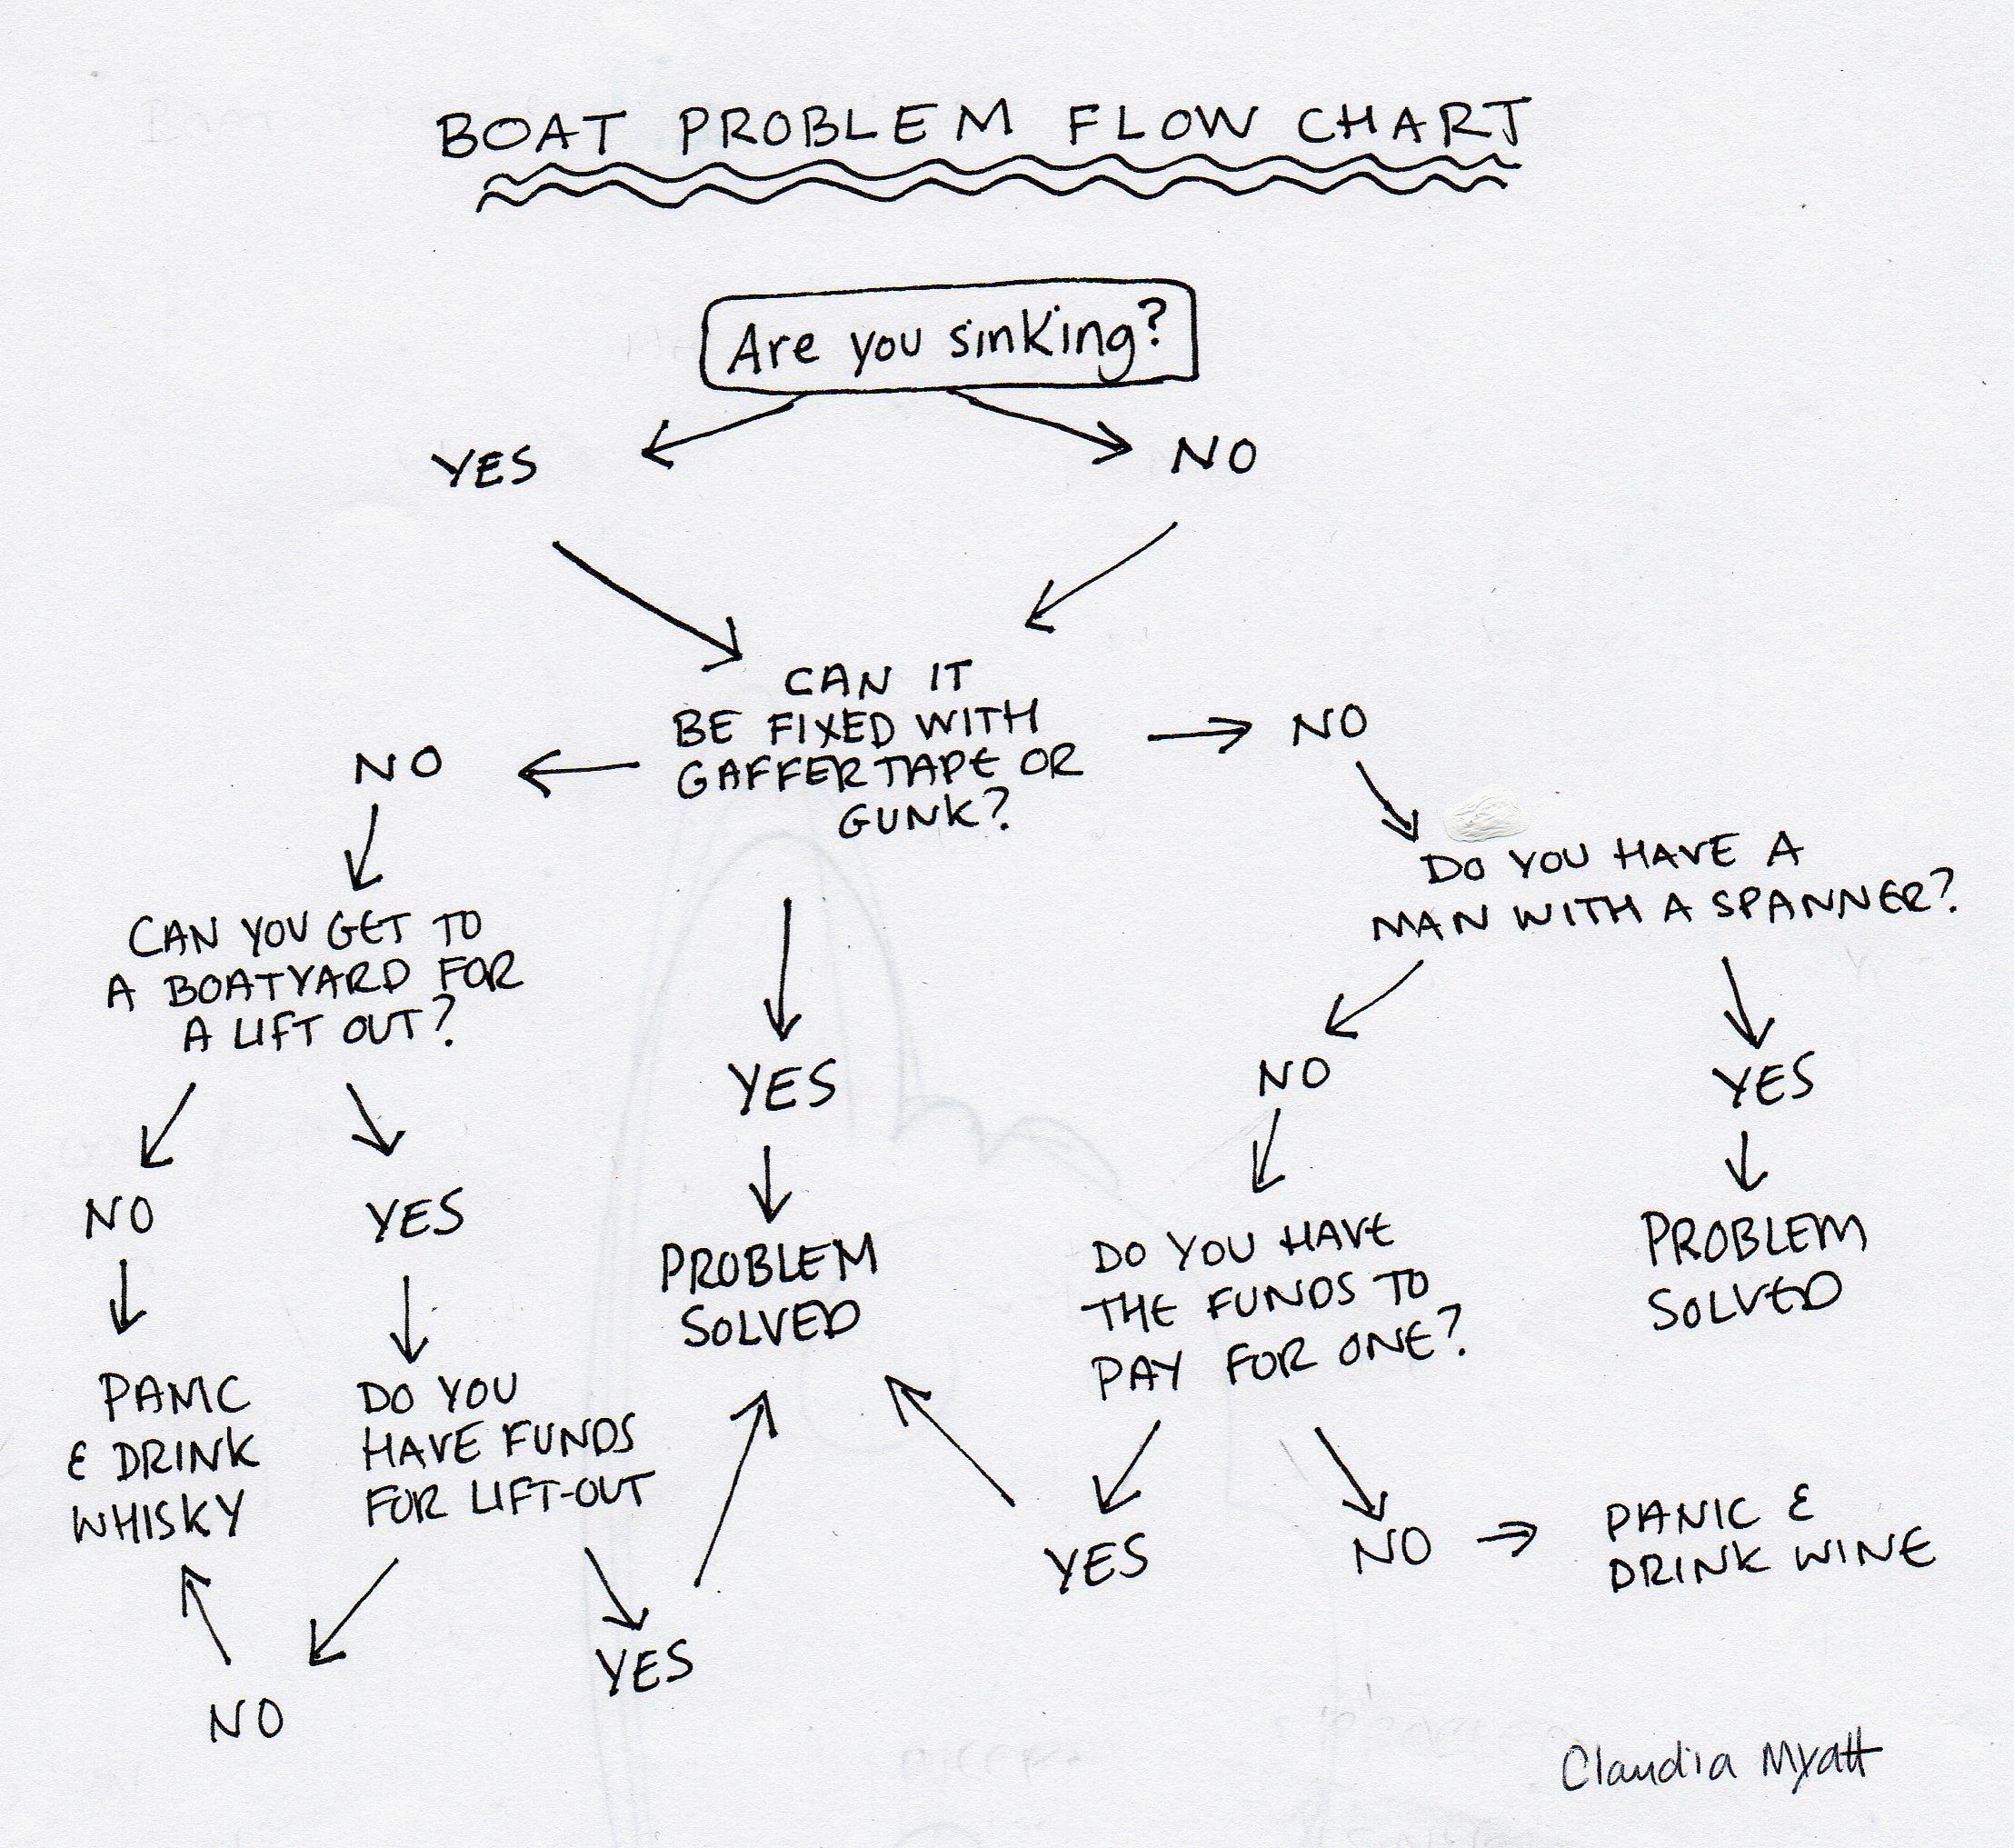 boat problem flow chart